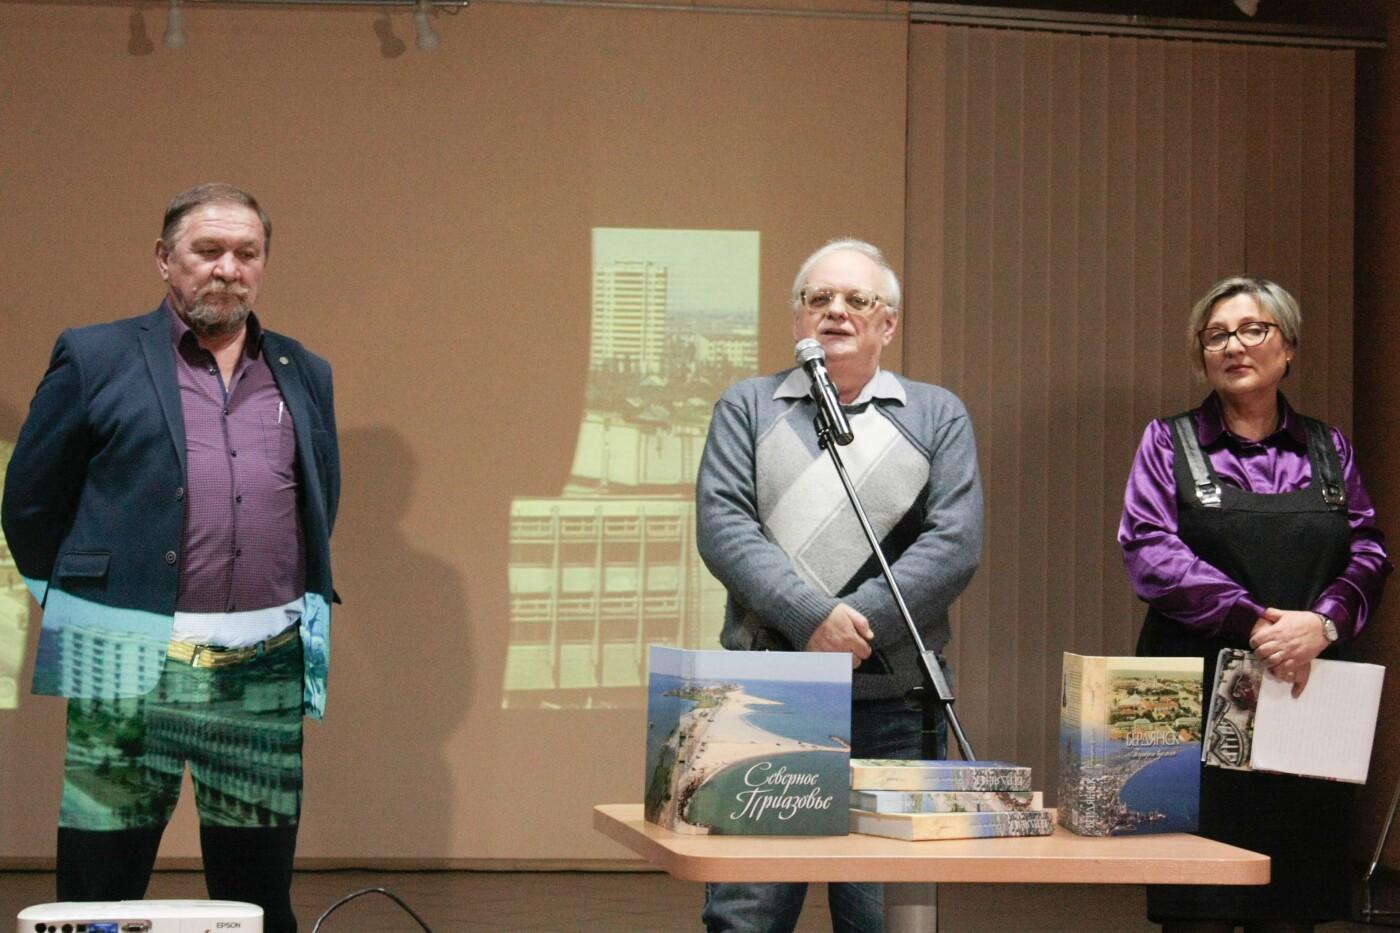 У Бердянському музеї пройшла презентація книги Геннадія Шарія, фото-5